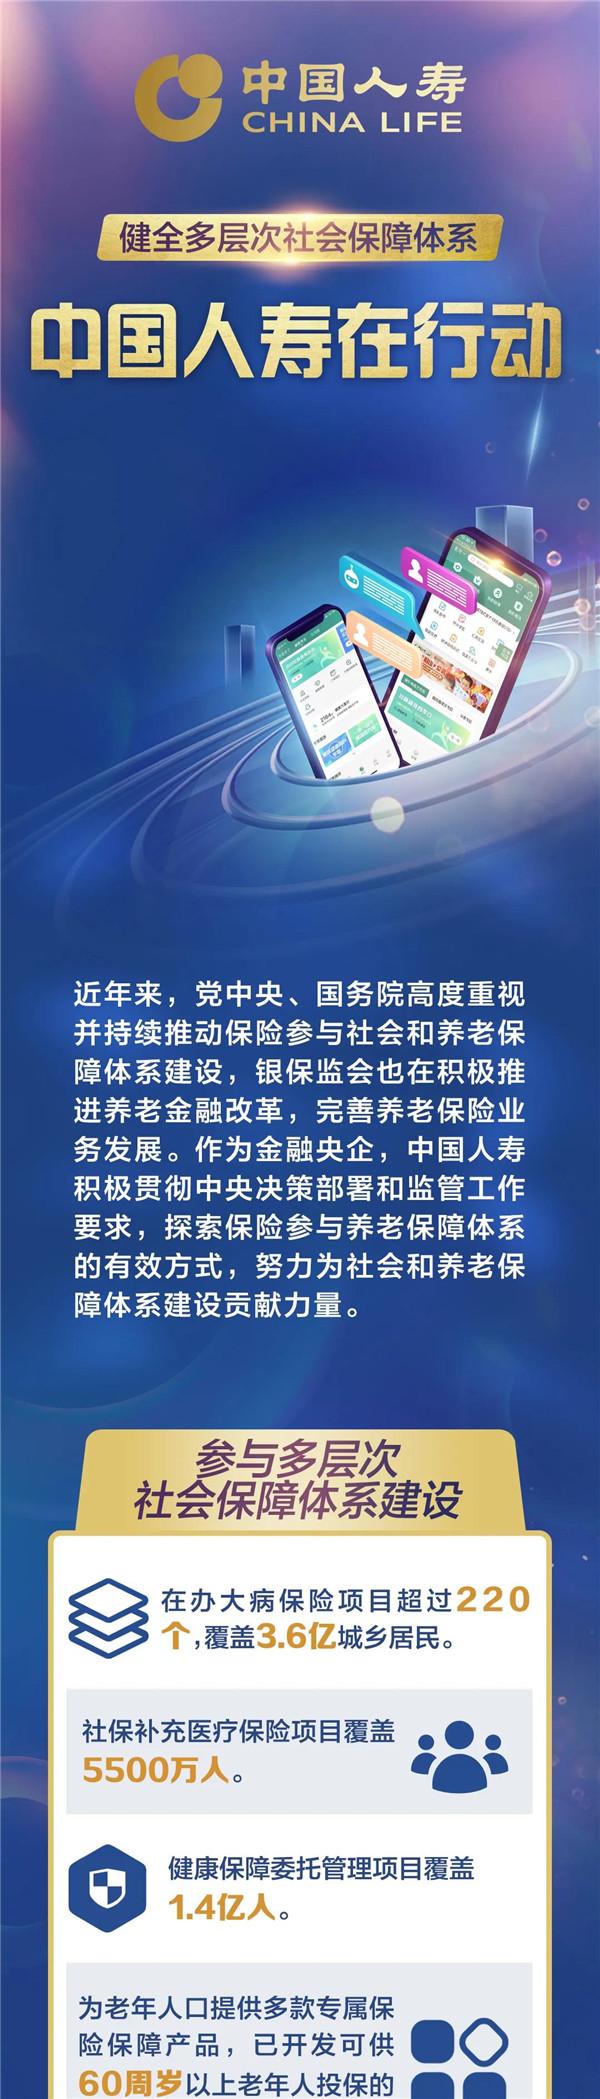 20210406中国人寿多层次社会保障体系-1.jpg